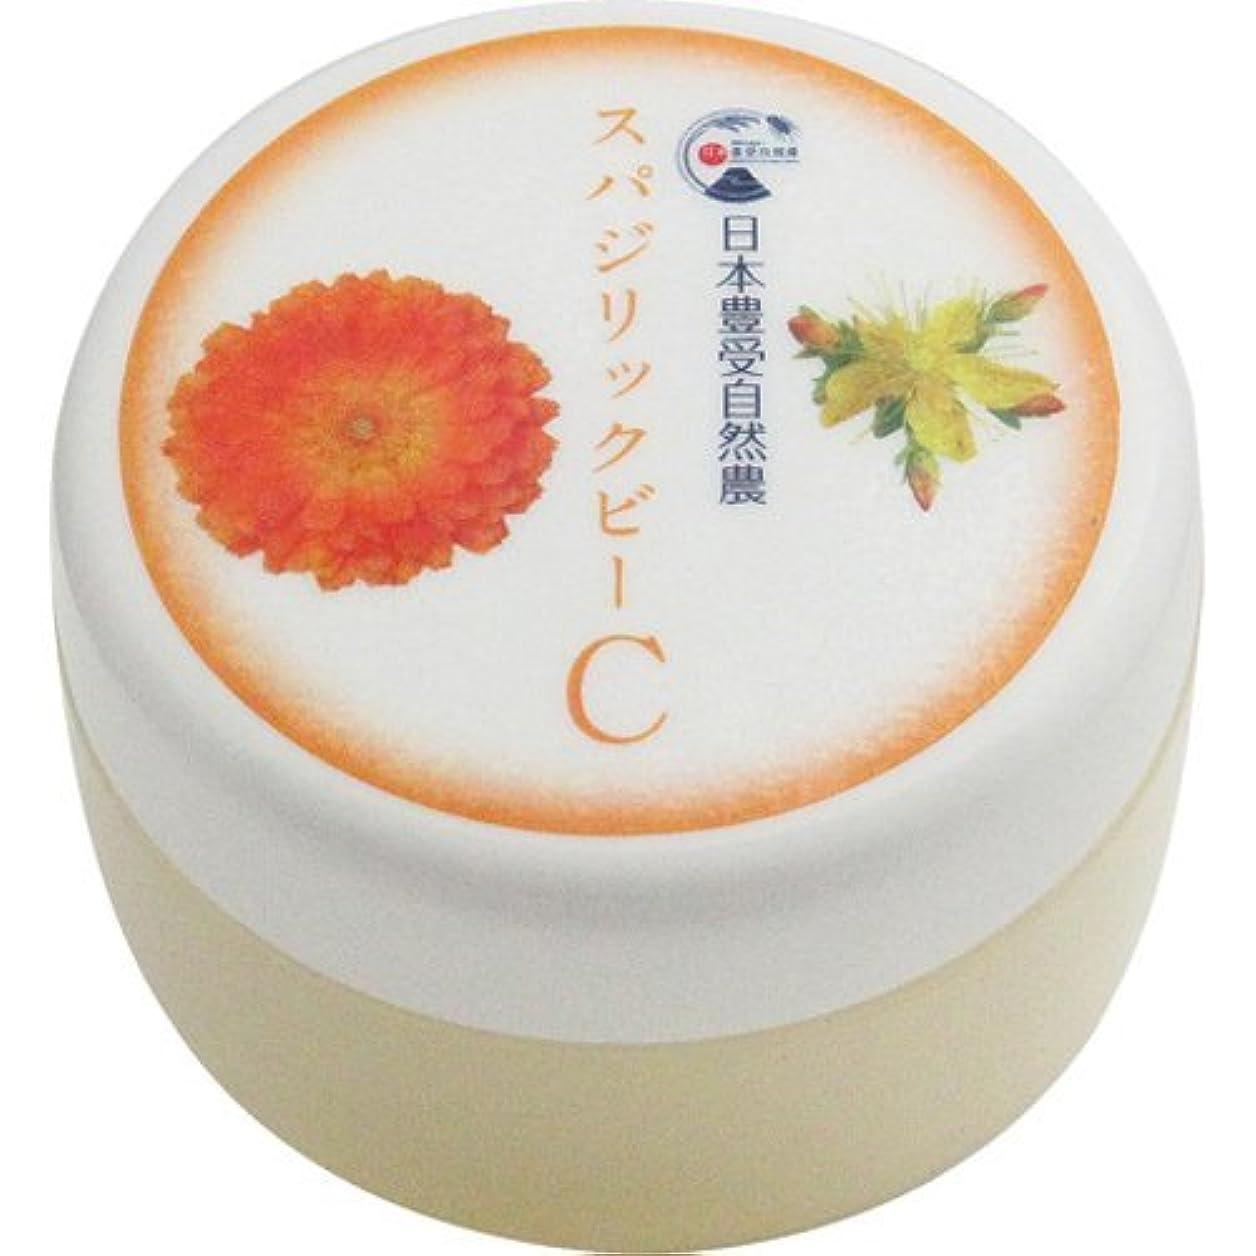 キリマンジャロ修理可能オーラル日本豊受自然農 スパジリック ビーC(小) 10g